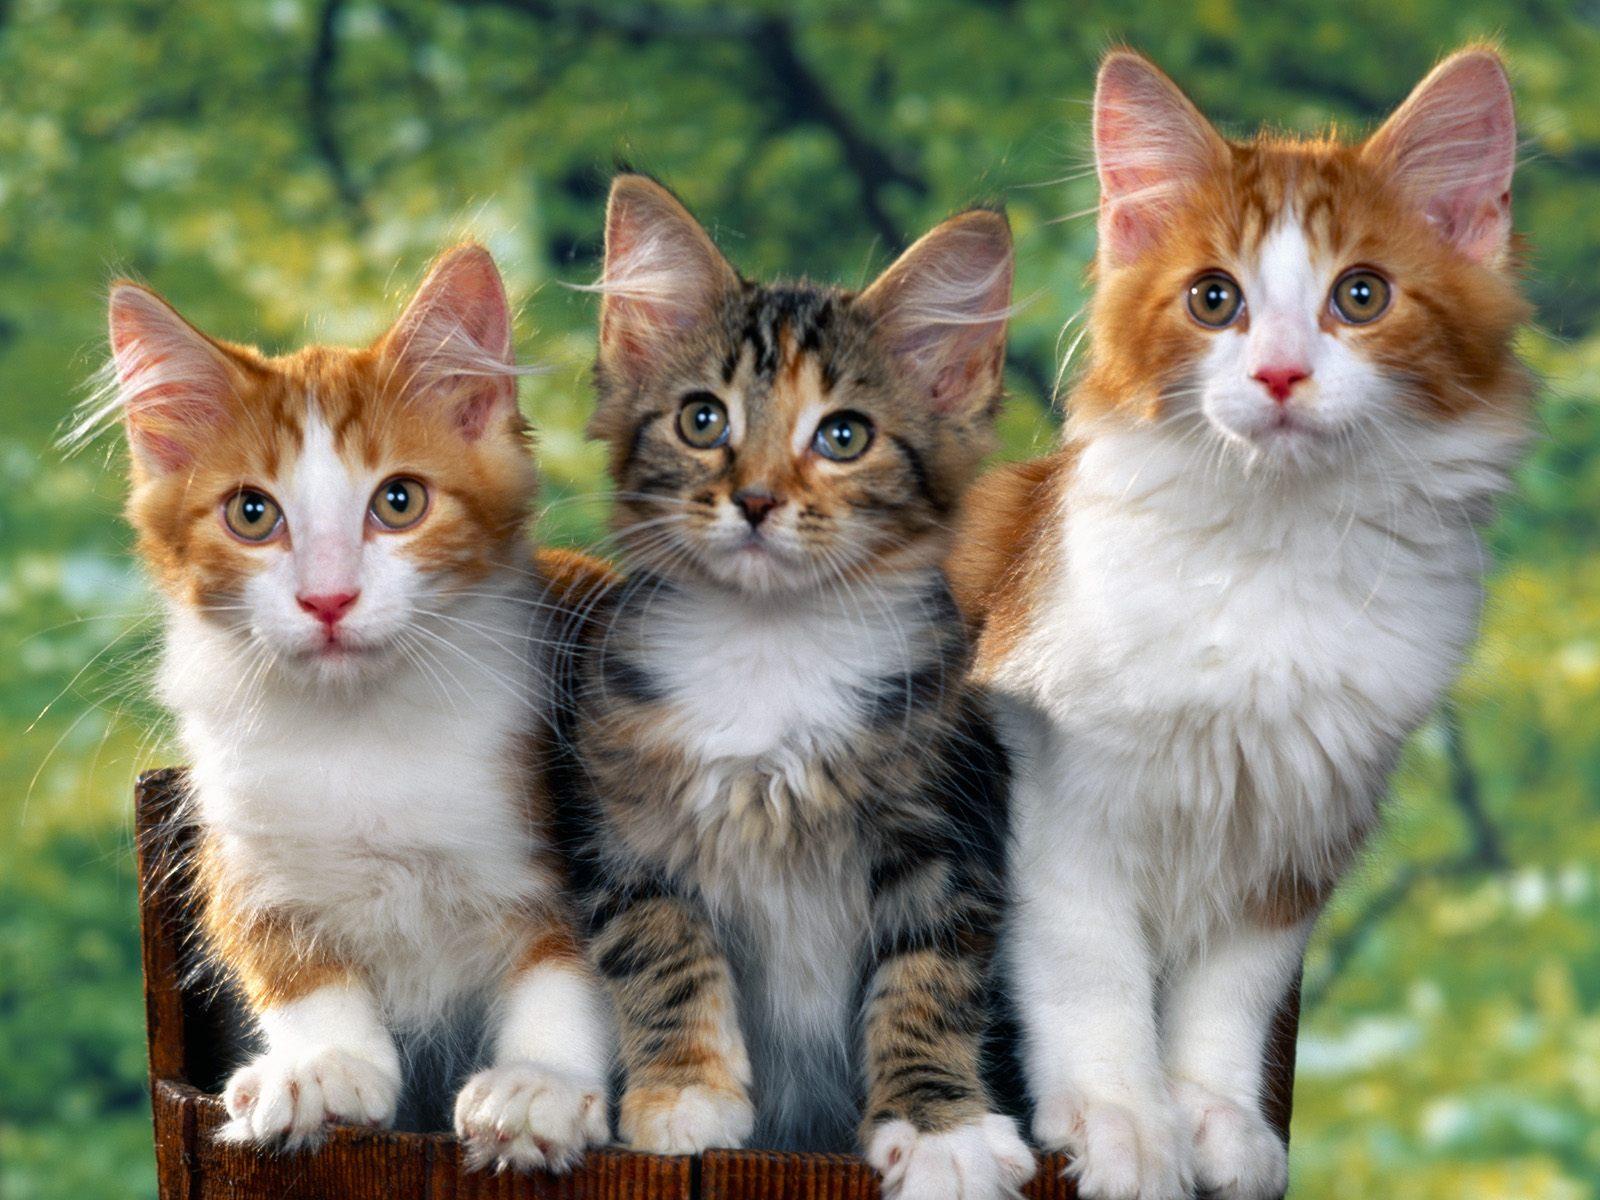 http://1.bp.blogspot.com/-RD49_bQoKgM/Tsc6ZfSqGVI/AAAAAAAABcE/LIhF0xYcYjI/s1600/cat-wallpapers-Desktop-HD-photo-images-14.jpg